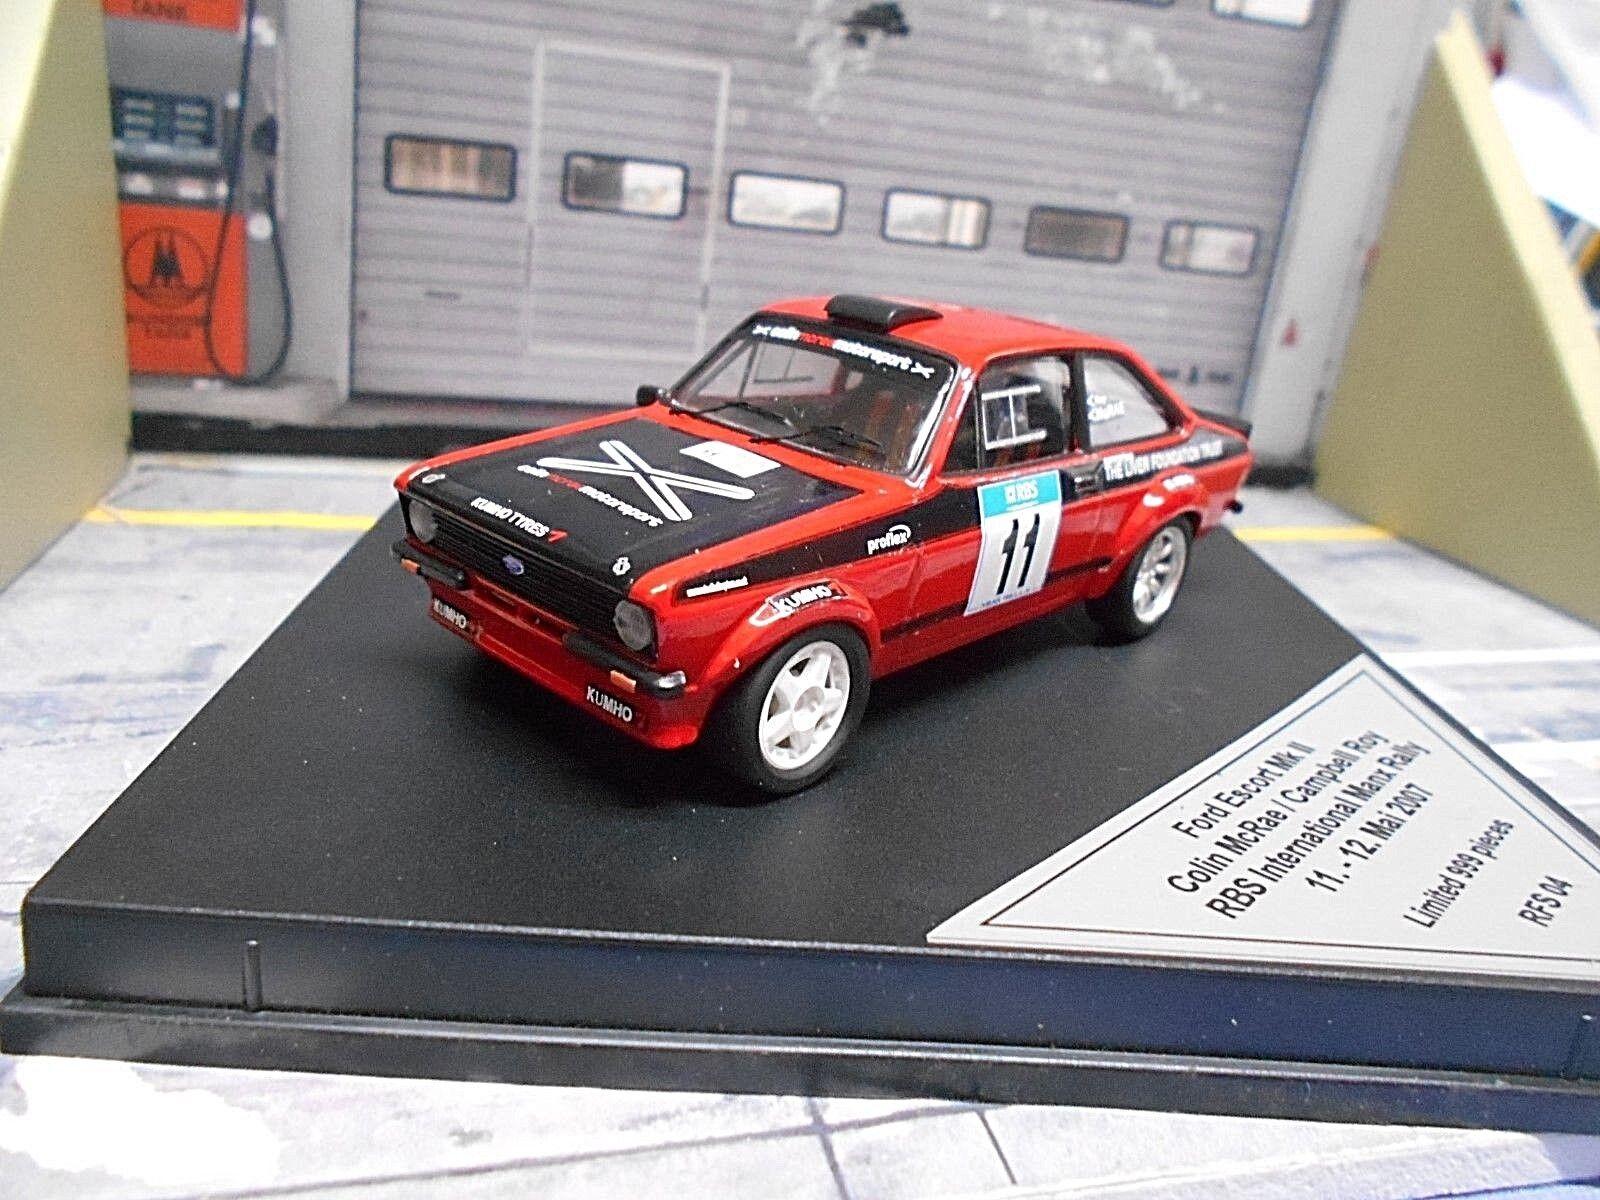 garantía de crédito Ford Escort MKII RS 1800 2.0 Manx Manx Manx 2007 Rallye  11 mcrae lesions found Trofeu 1 43  nuevo sádico